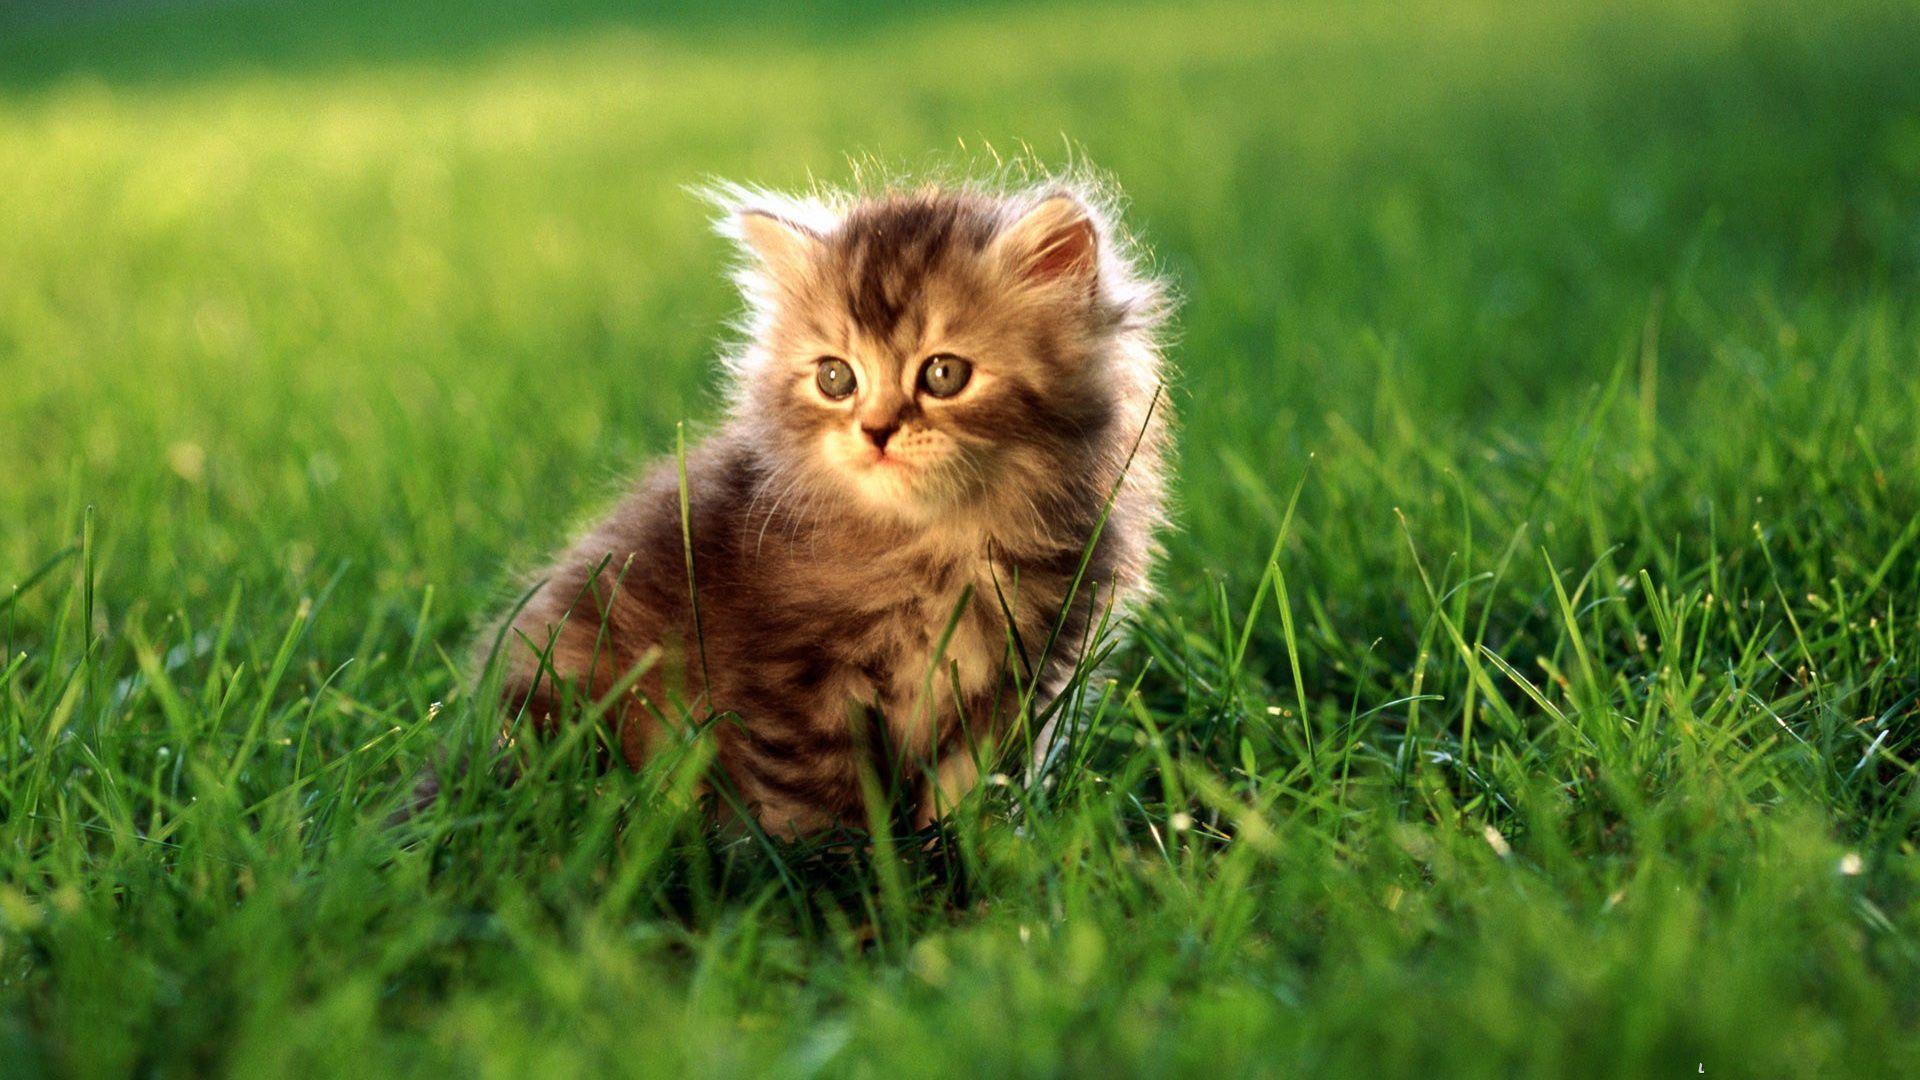 Cat Cute Animal HD Wallpaper Cat Cute Animal 1920x1080